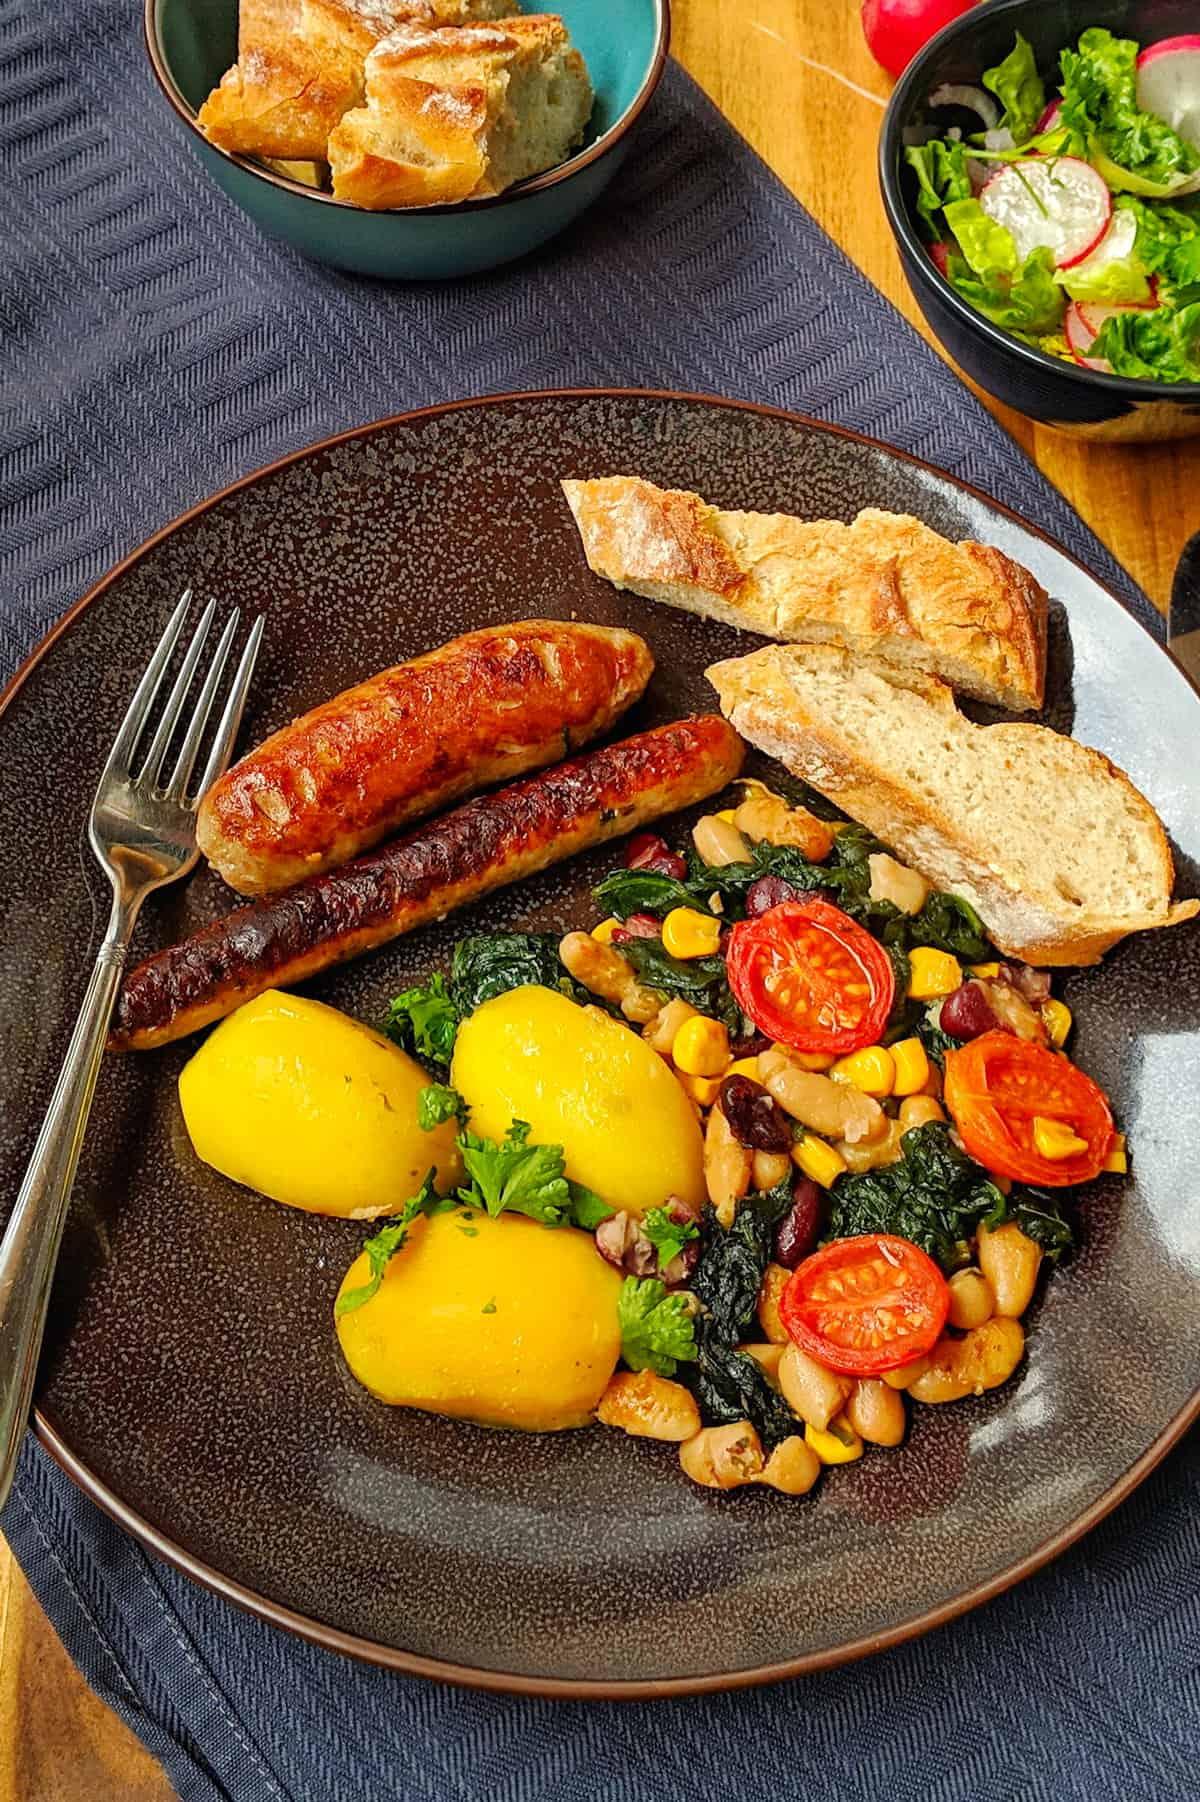 Ein dunkler Teller mit dem Cassoulet Gericht. Dahinter ein schälchen mit Brto und ein Schälchen mit Salat.